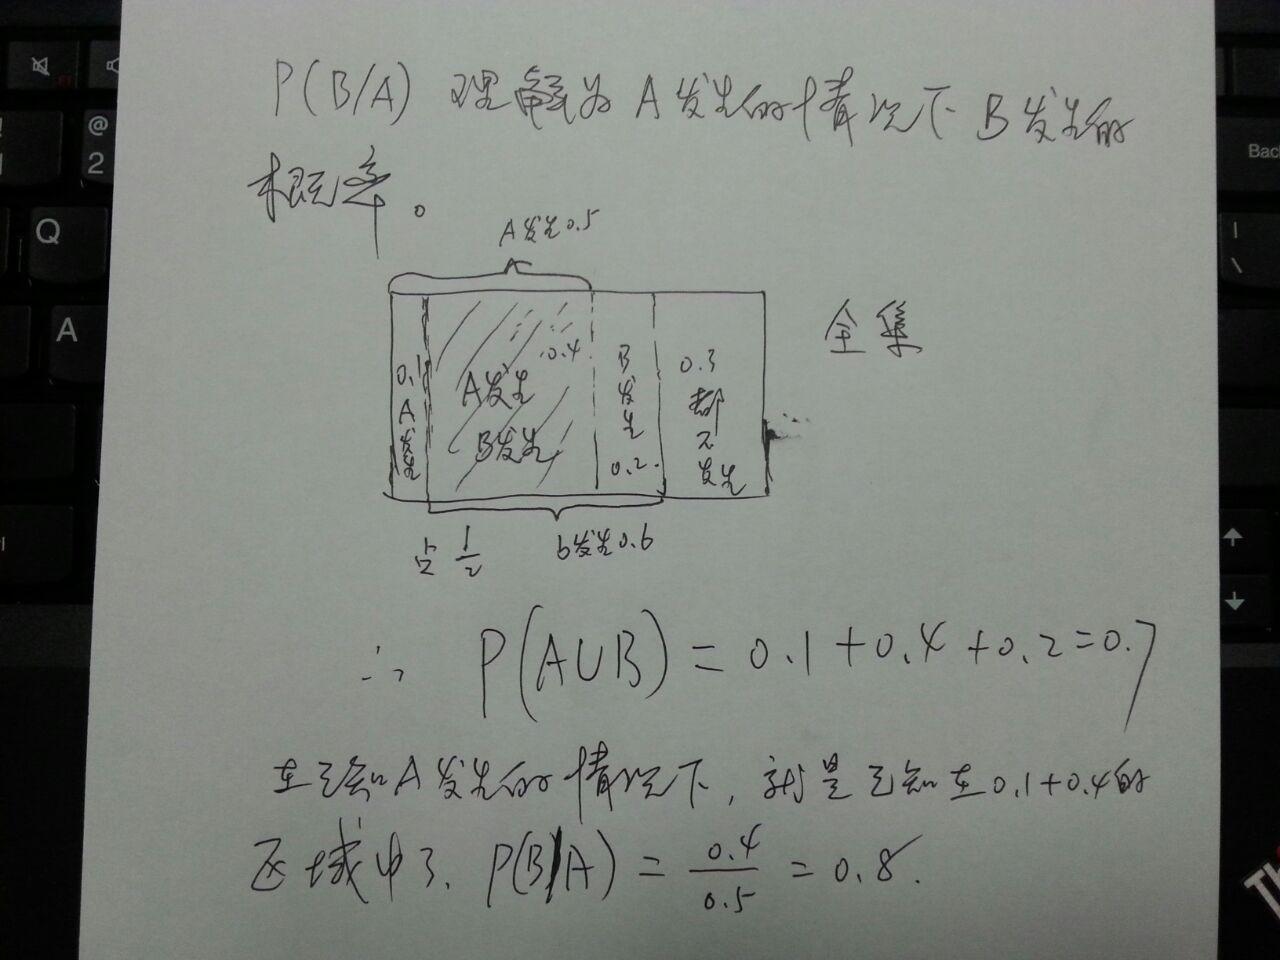 p(a∪b)=0.6